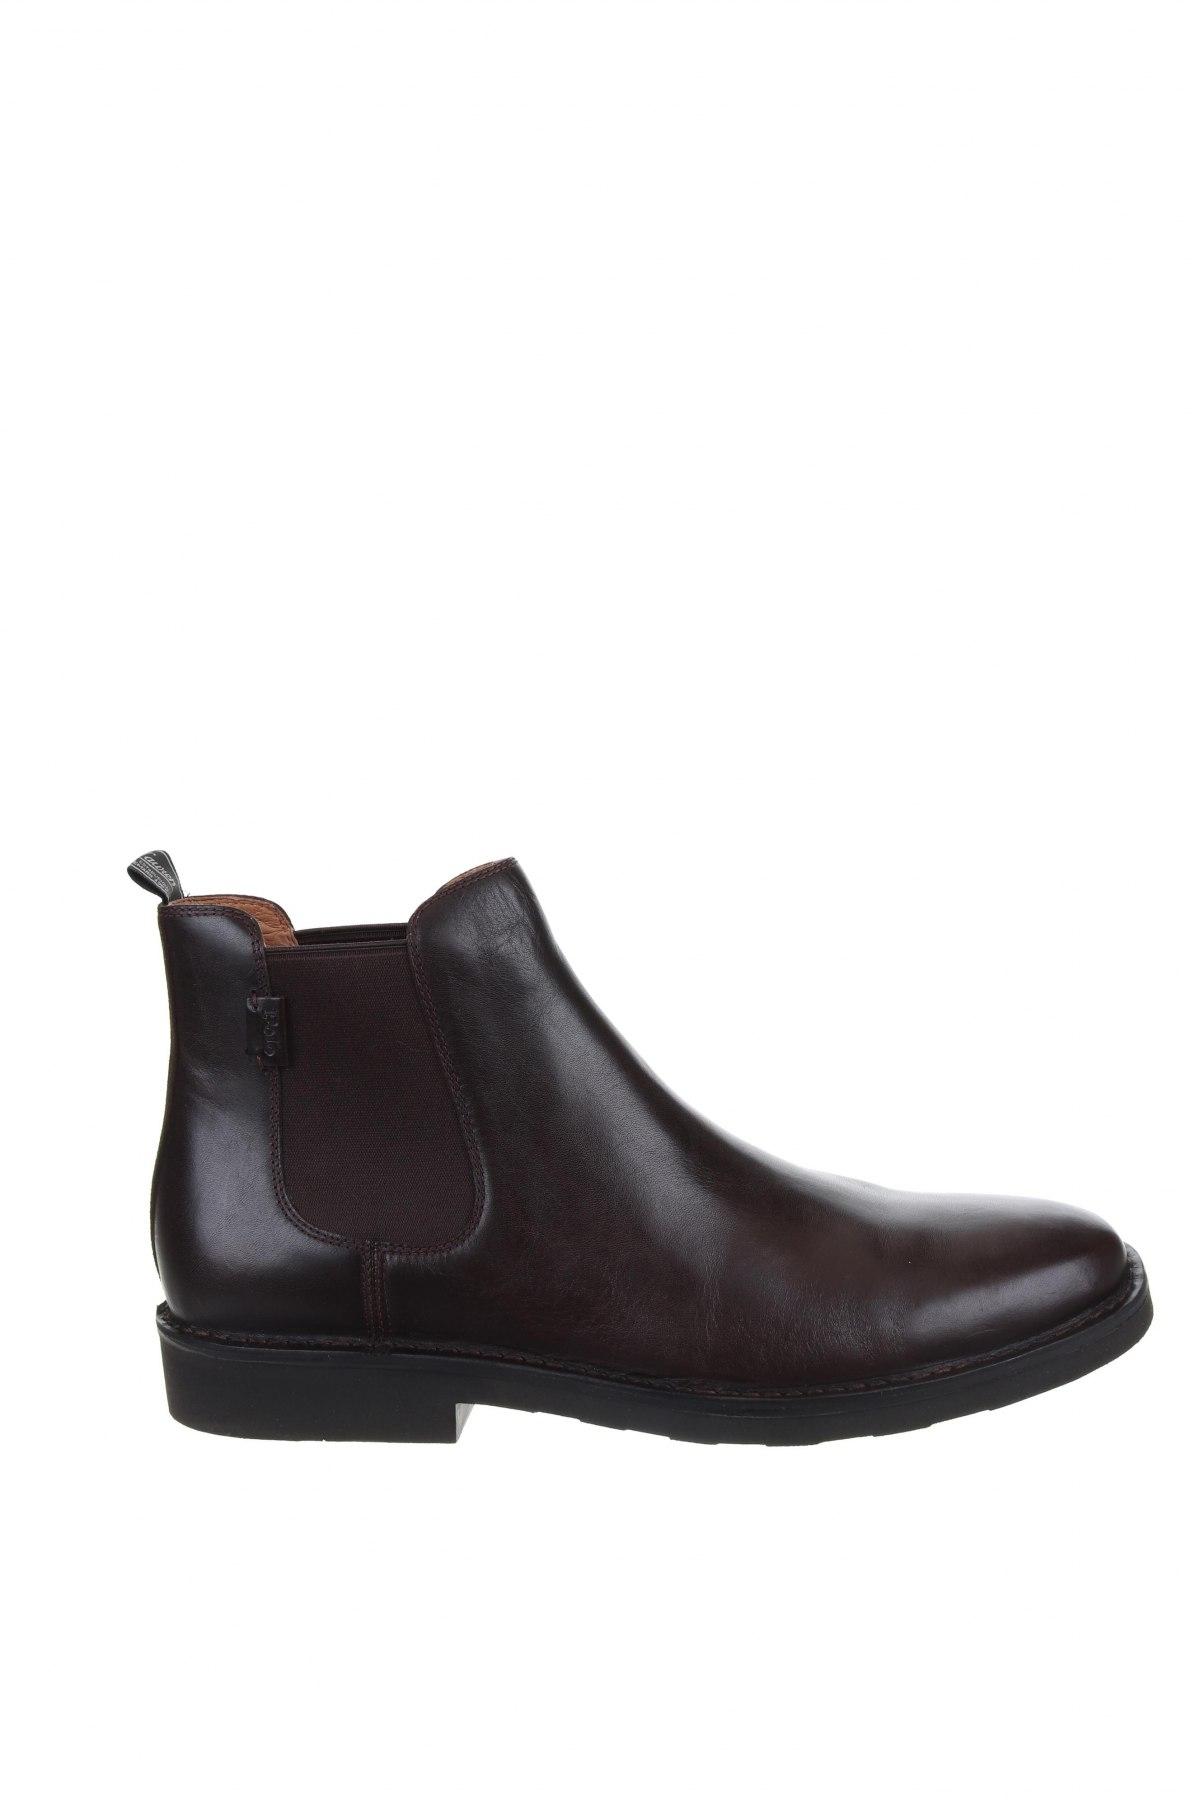 Γυναικεία παπούτσια Polo By Ralph Lauren, Μέγεθος 48, Χρώμα Καφέ, Γνήσιο δέρμα, Τιμή 49,28€